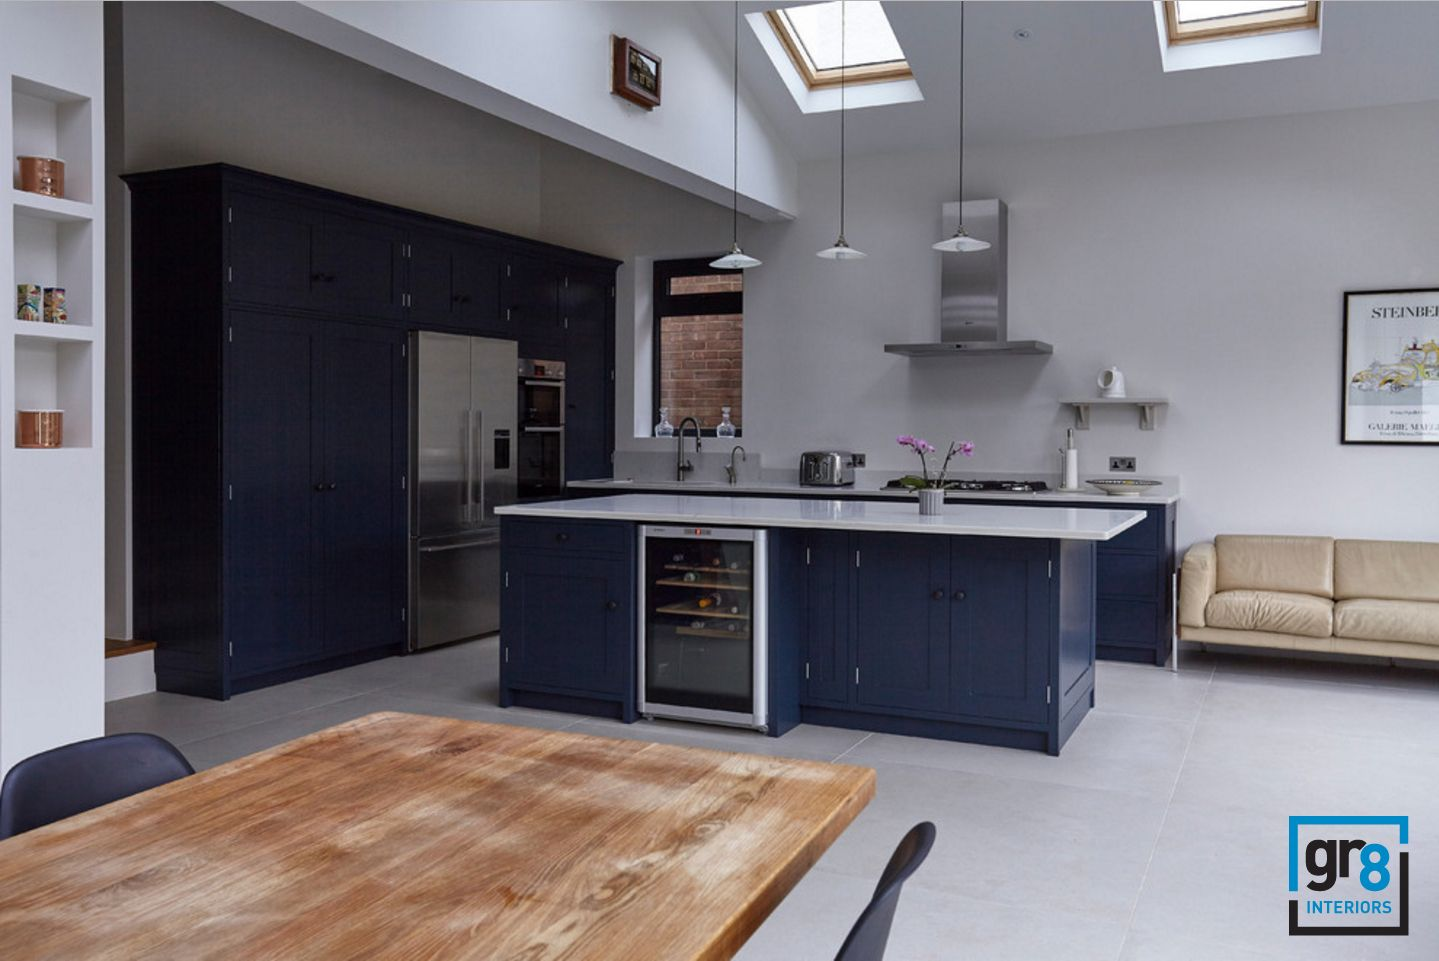 Contemporary kitchen dormer windows open kitchen extension